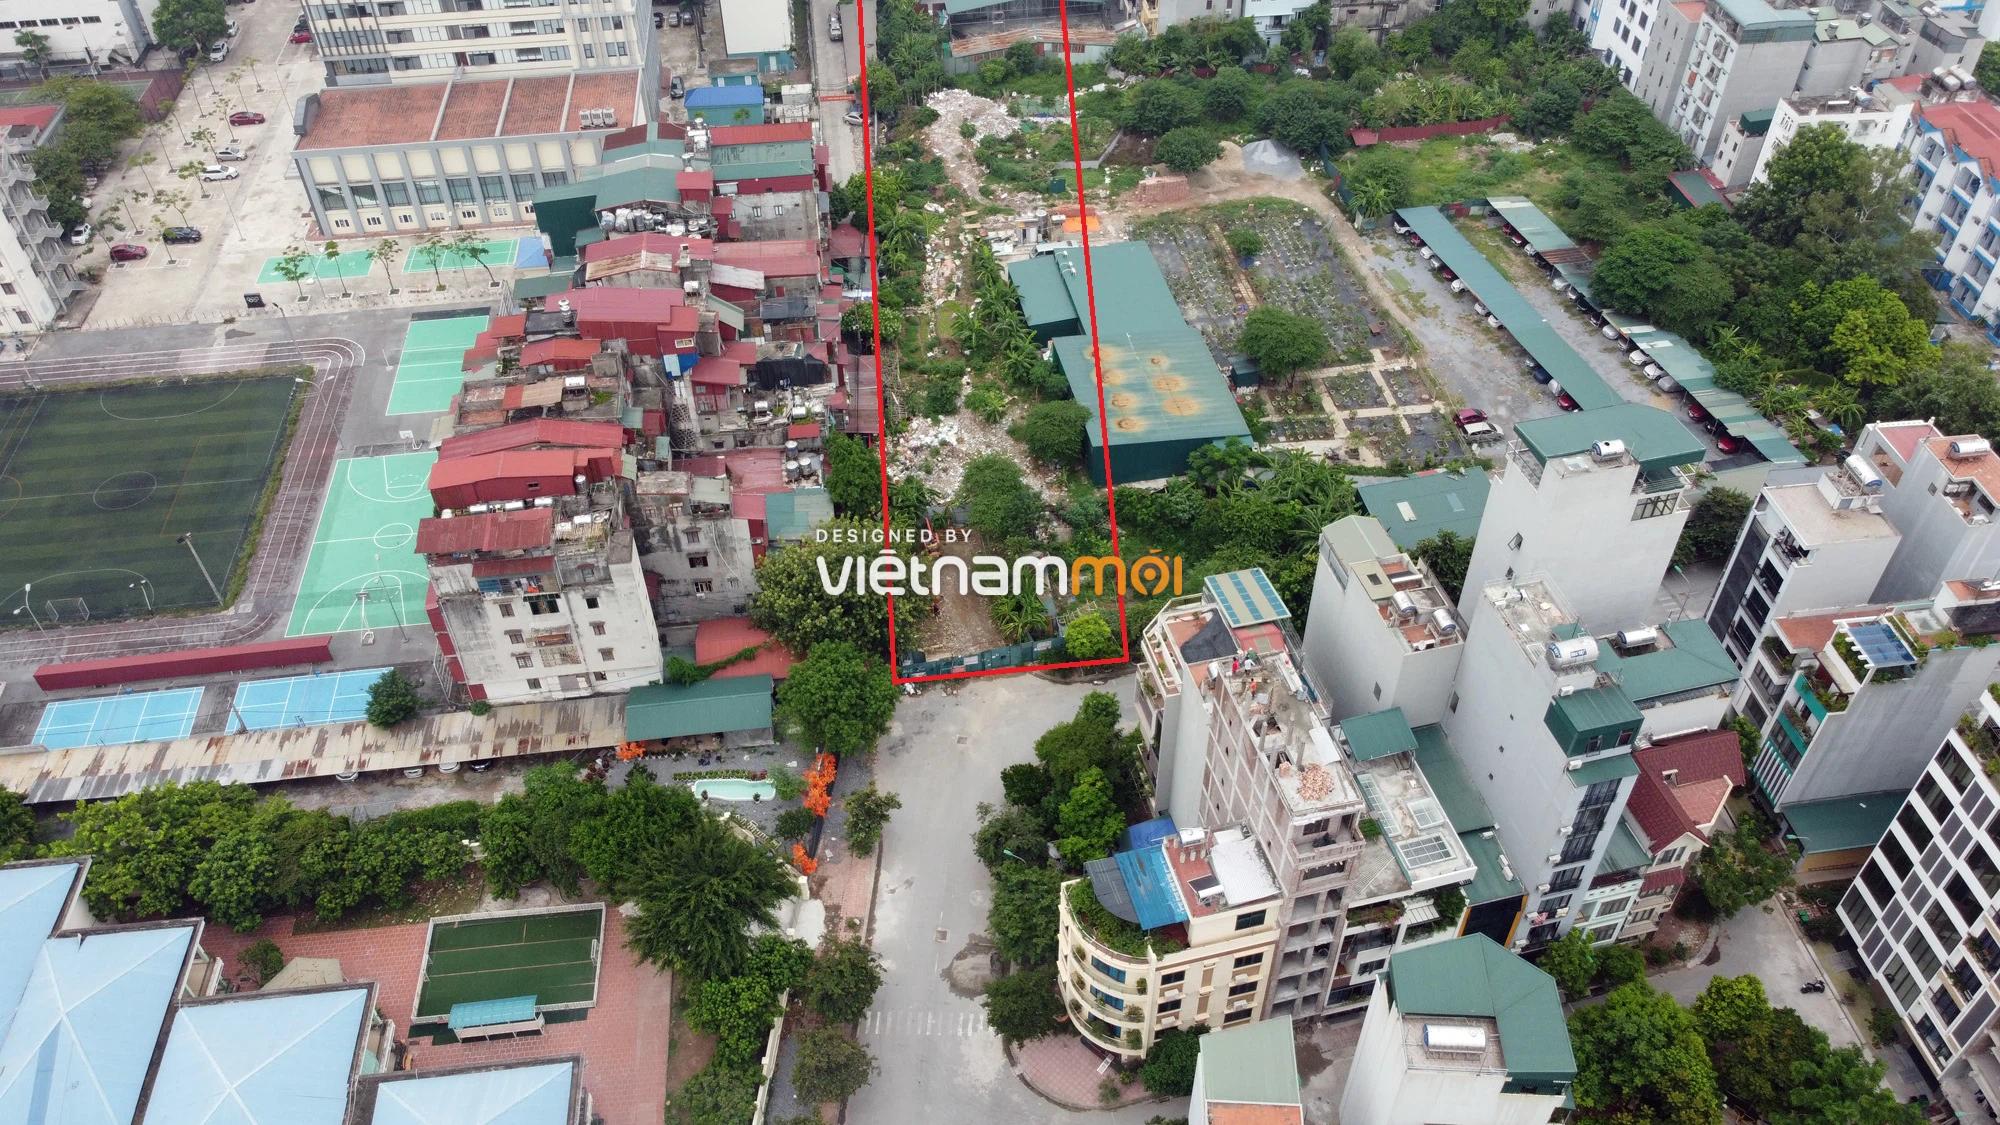 Những khu đất sắp thu hồi để mở đường ở xã Tân Triều, Thanh Trì, Hà Nội (phần 3) - Ảnh 12.